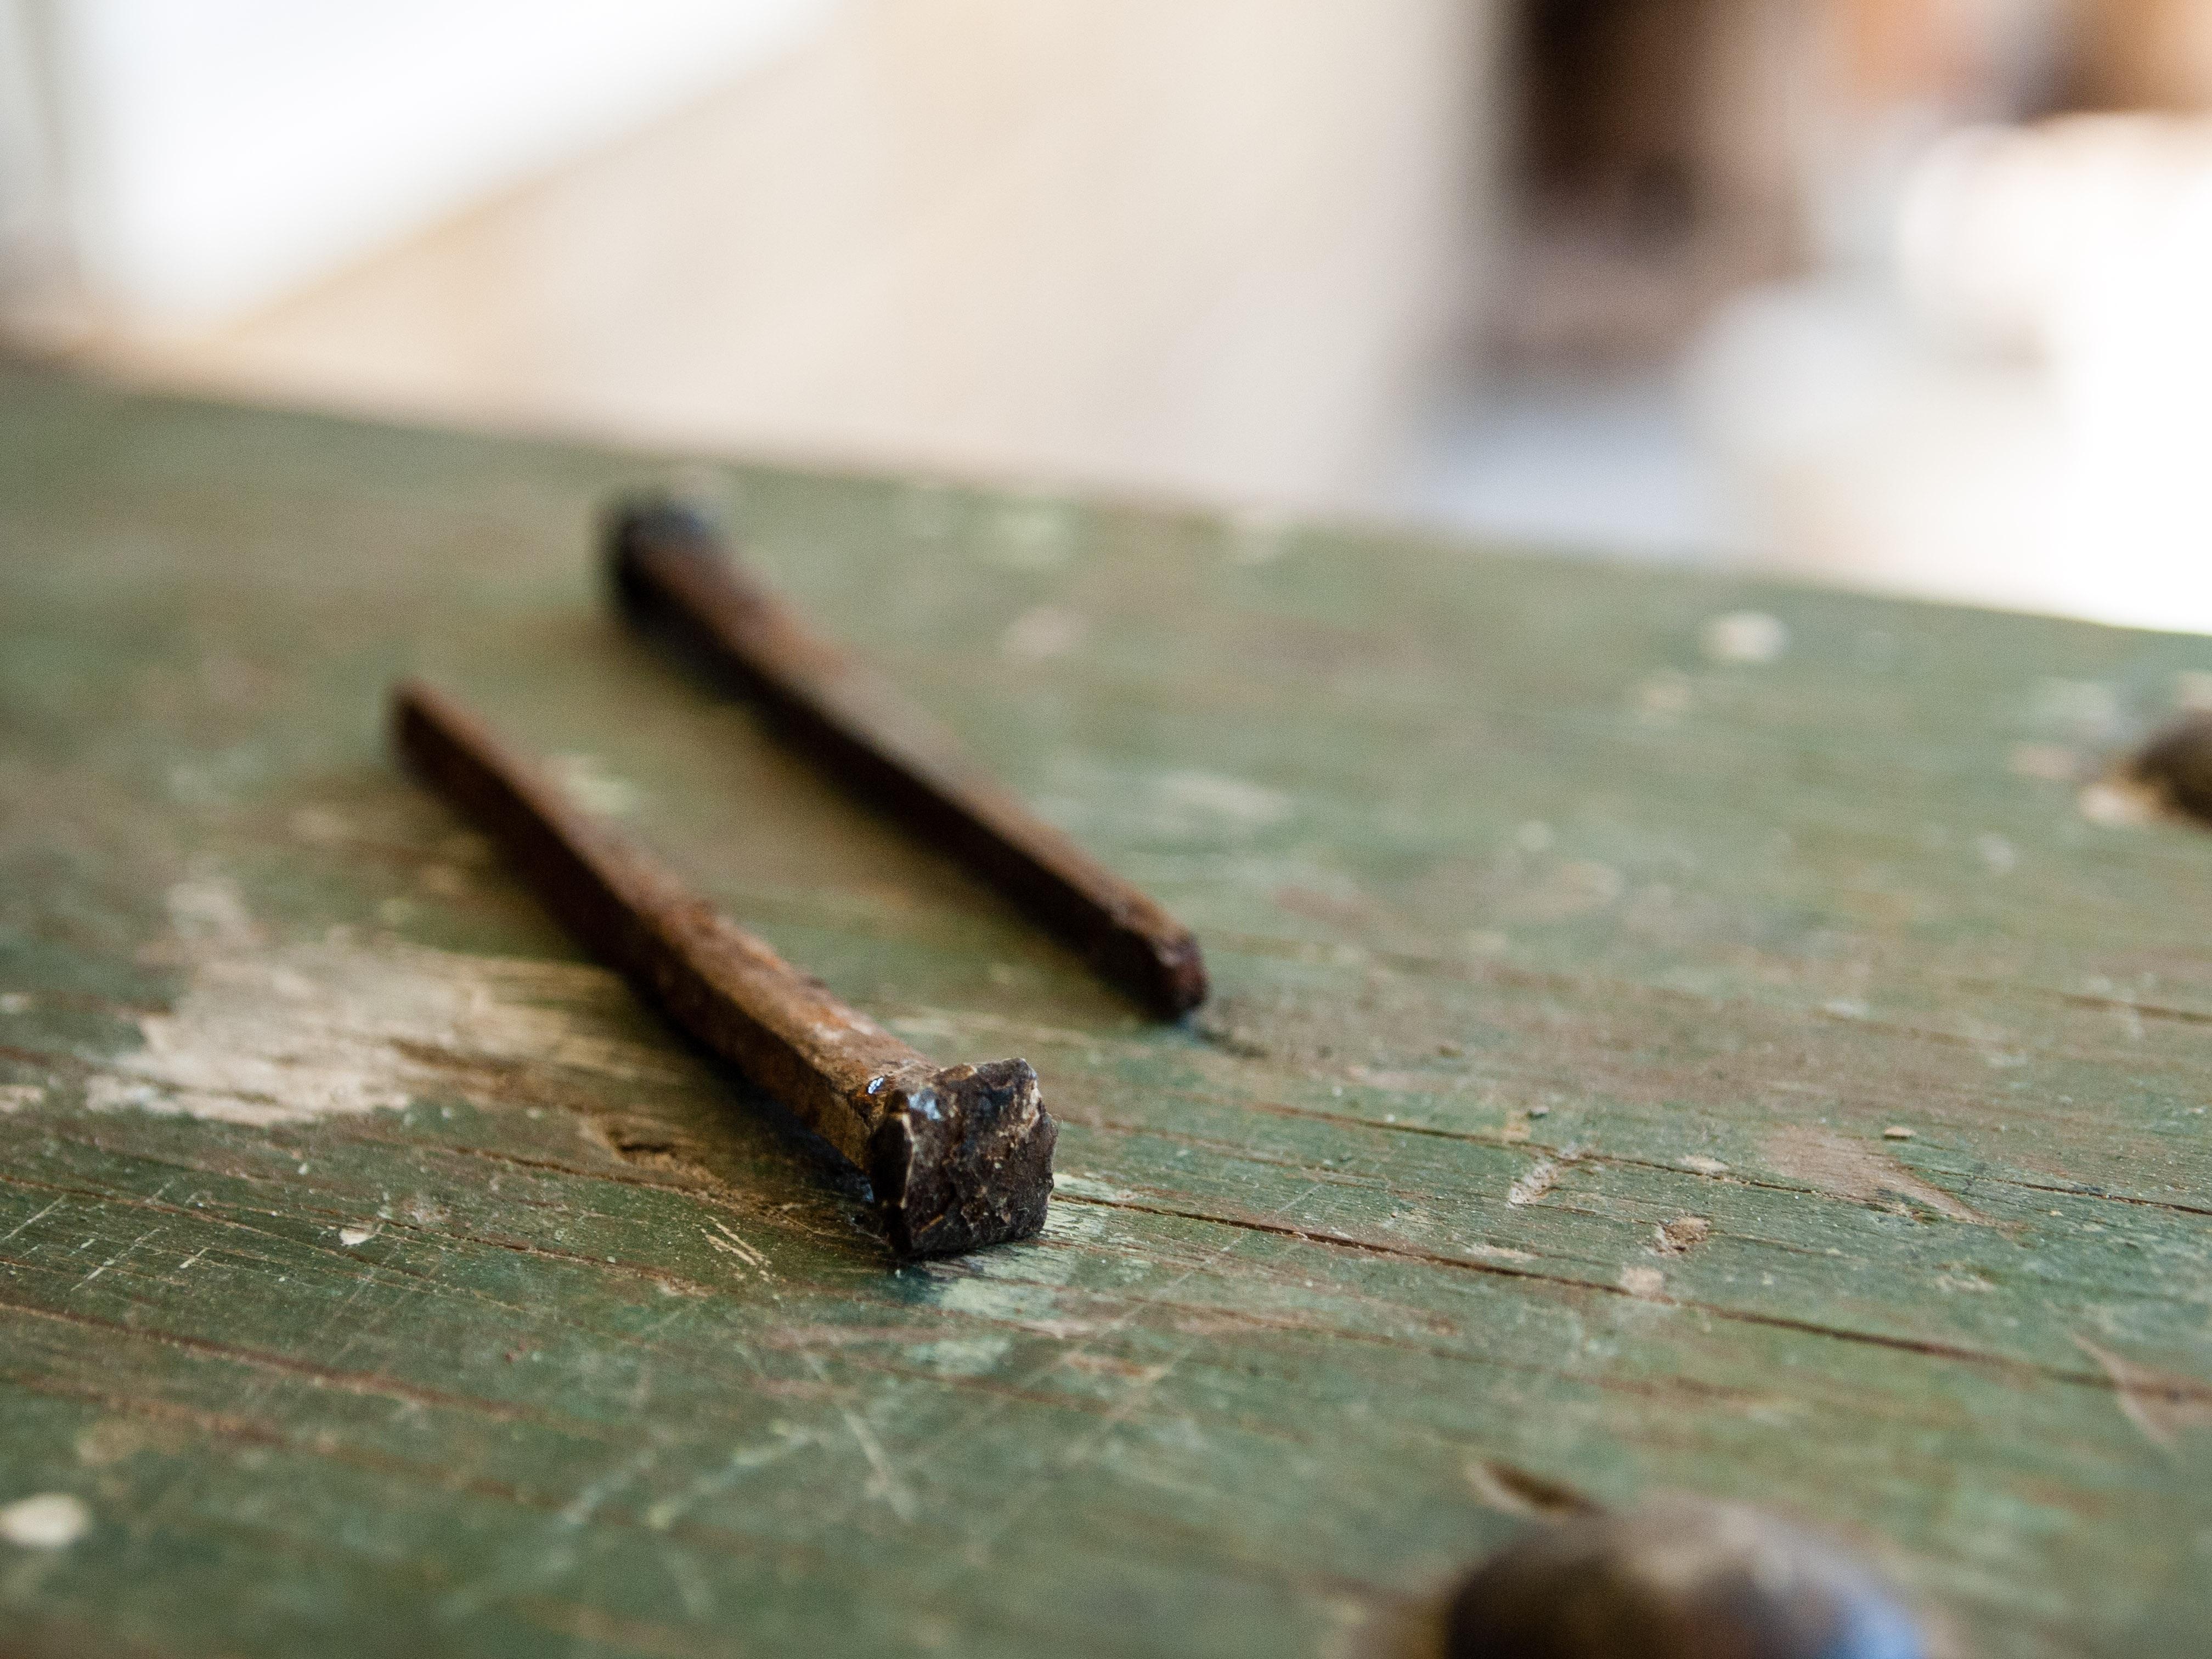 Fotos gratis : madera, vendimia, antiguo, hoja, herramienta, moho ...